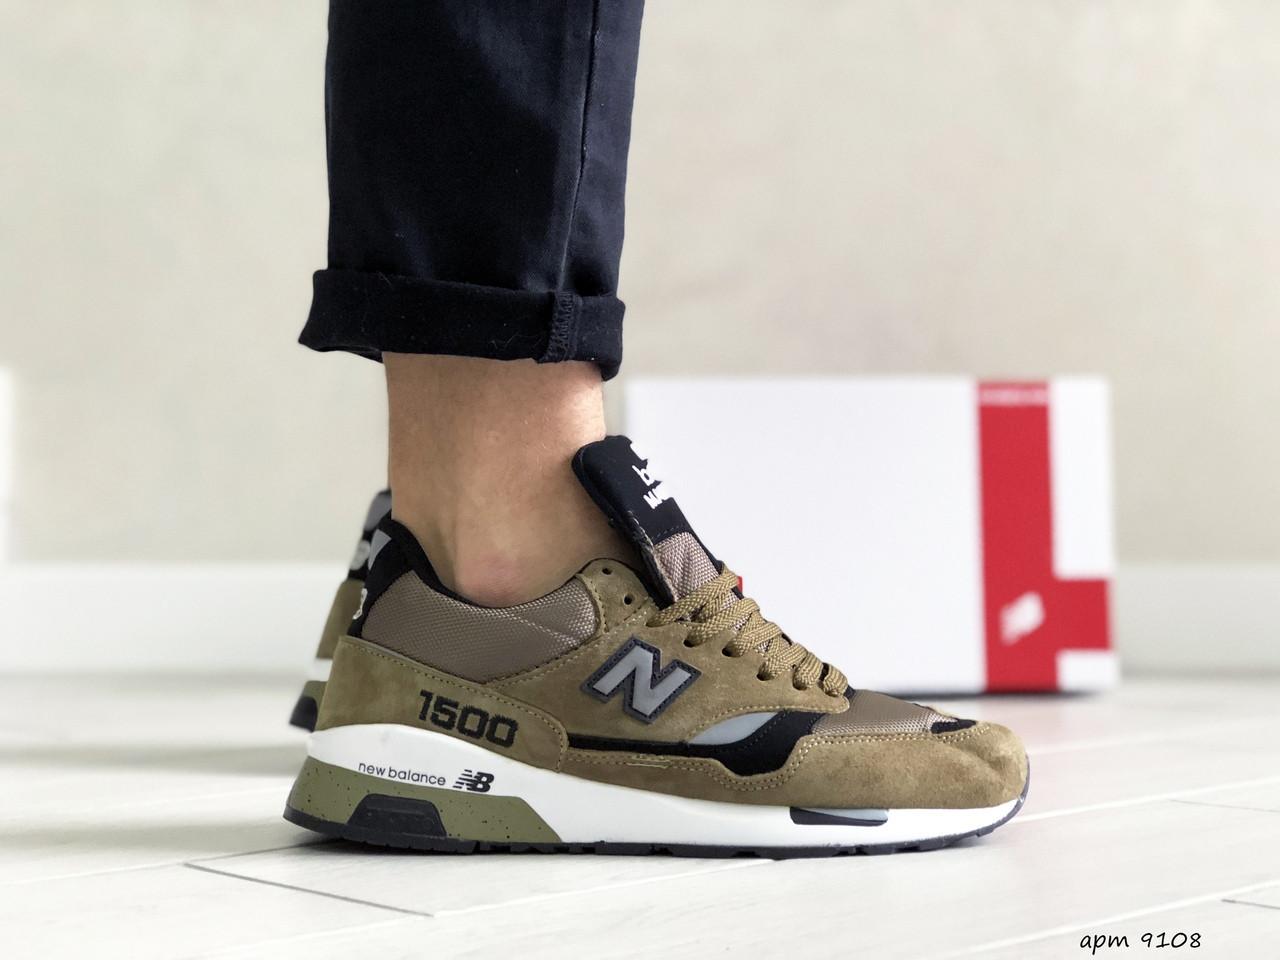 Чоловічі кросівки New Balance 1500 ВЕЛИКОБРИТАНІЯ (темно-зелені) 9108